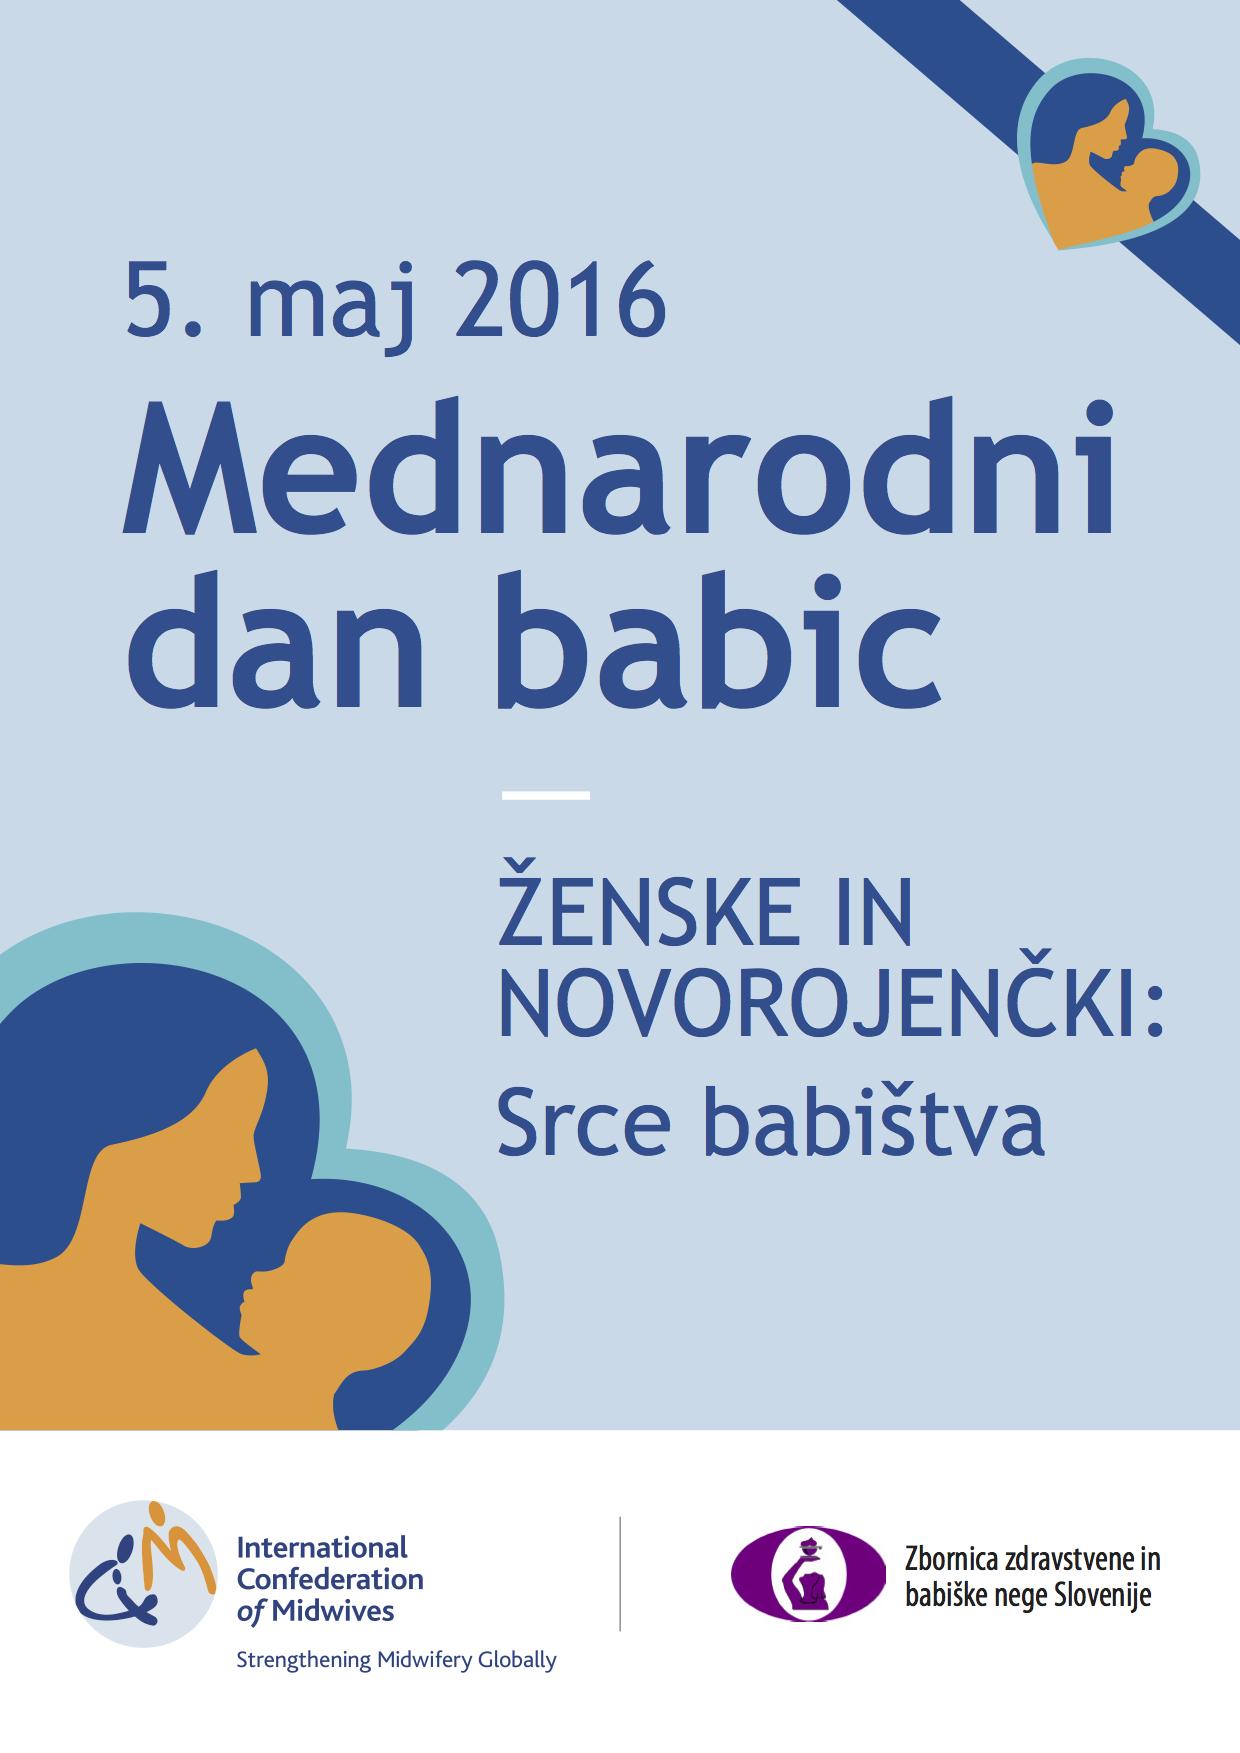 5. maj – mednarodni dan babic #IDM2016